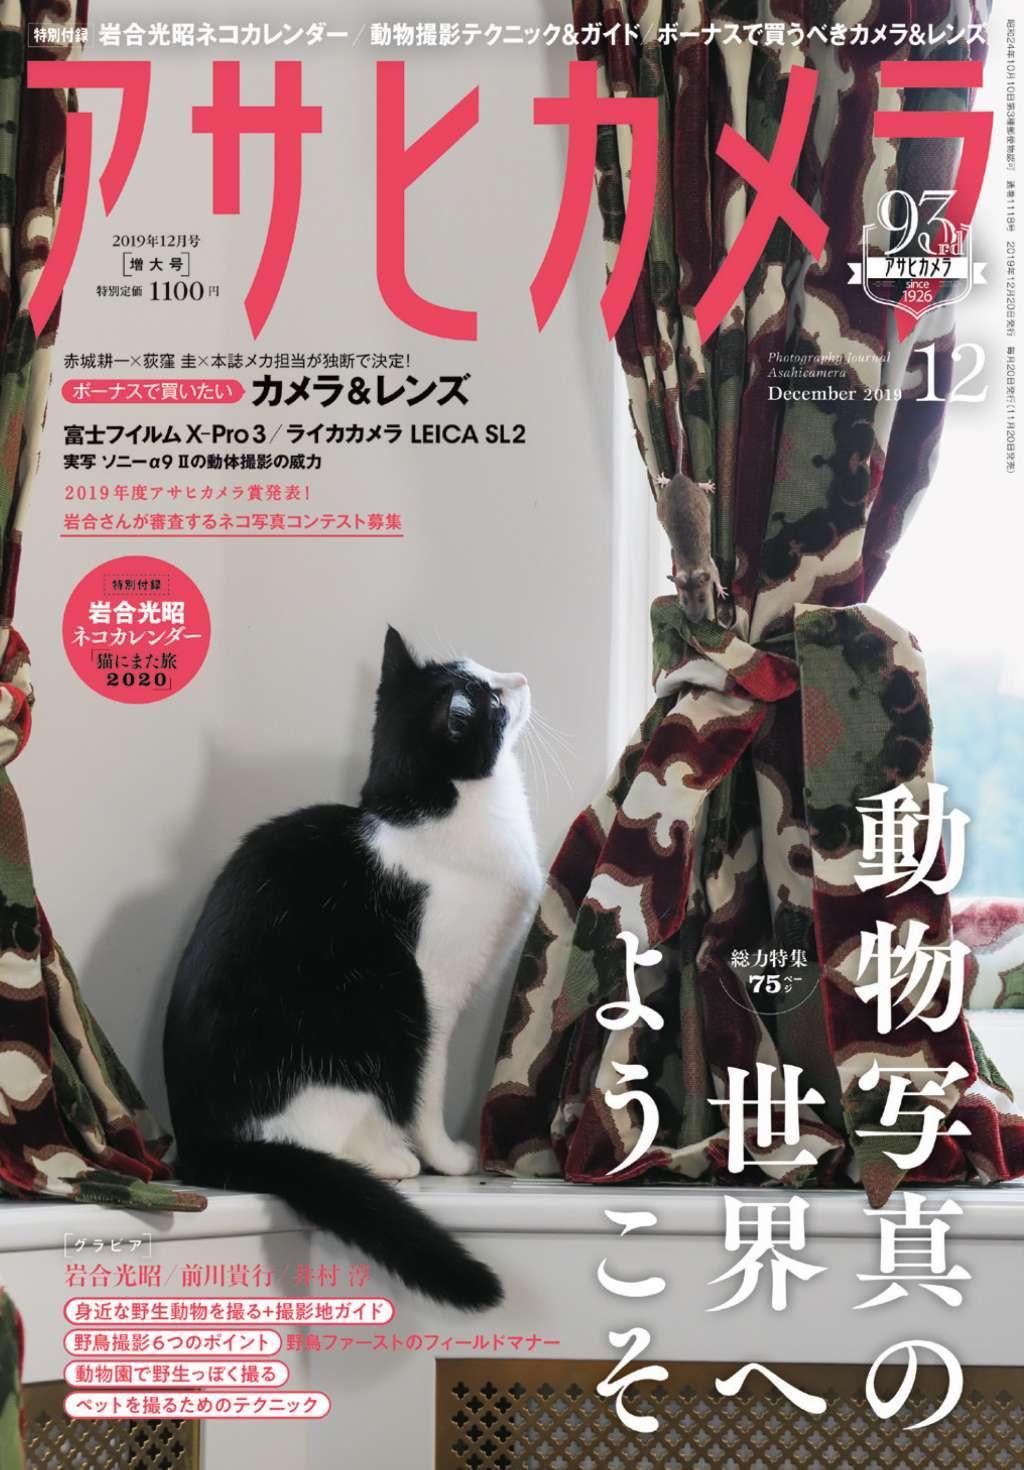 岩合光昭さんネコカレンダーはすべて新作撮り下ろし! アサヒカメラ12月号は「ネコ目線」写真が表紙